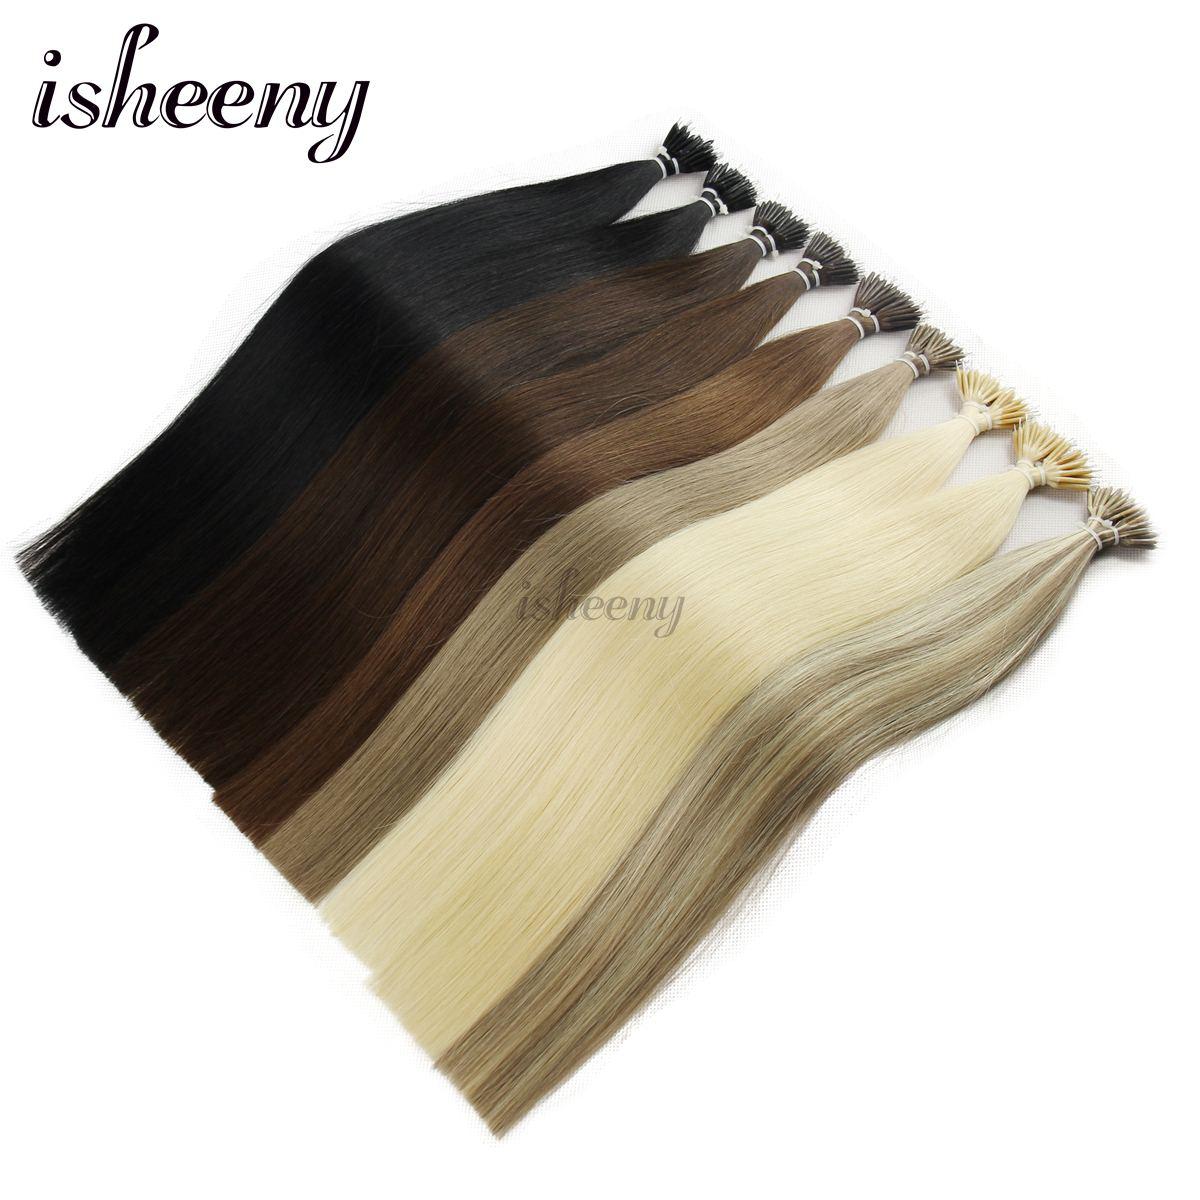 Isheeny 14